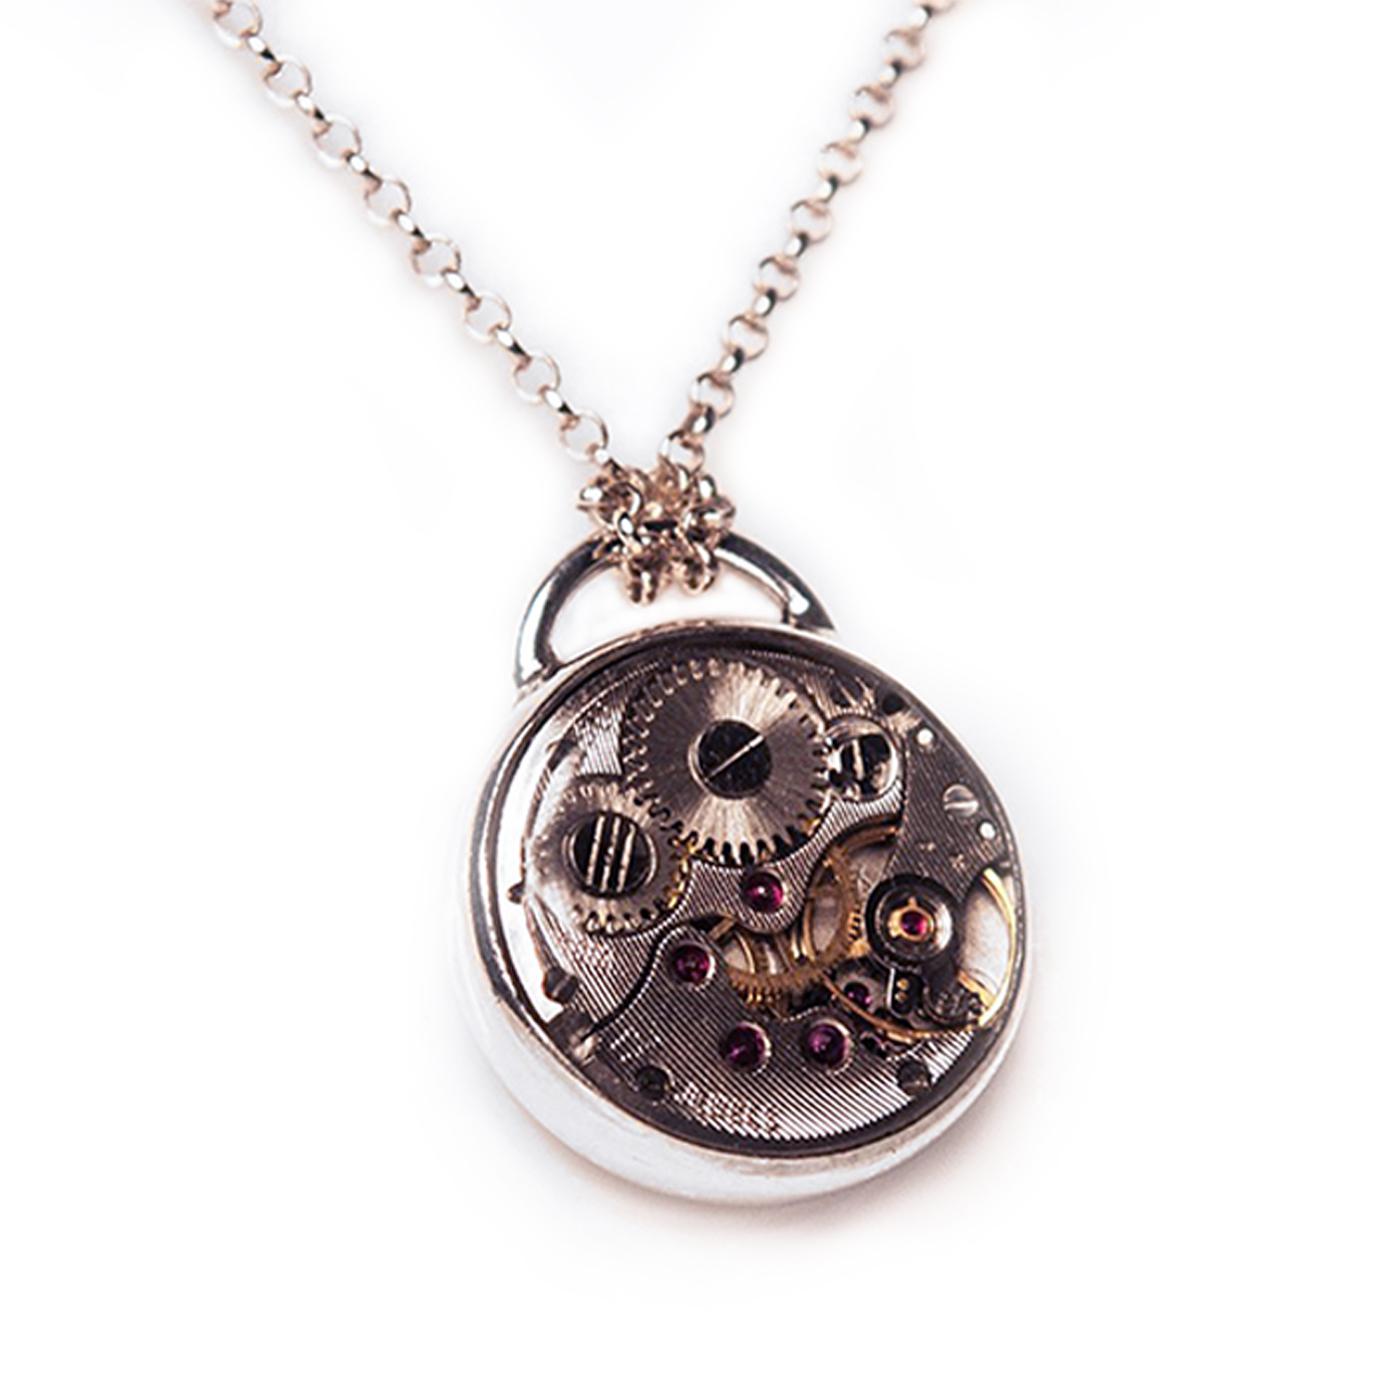 Pendolo Silber